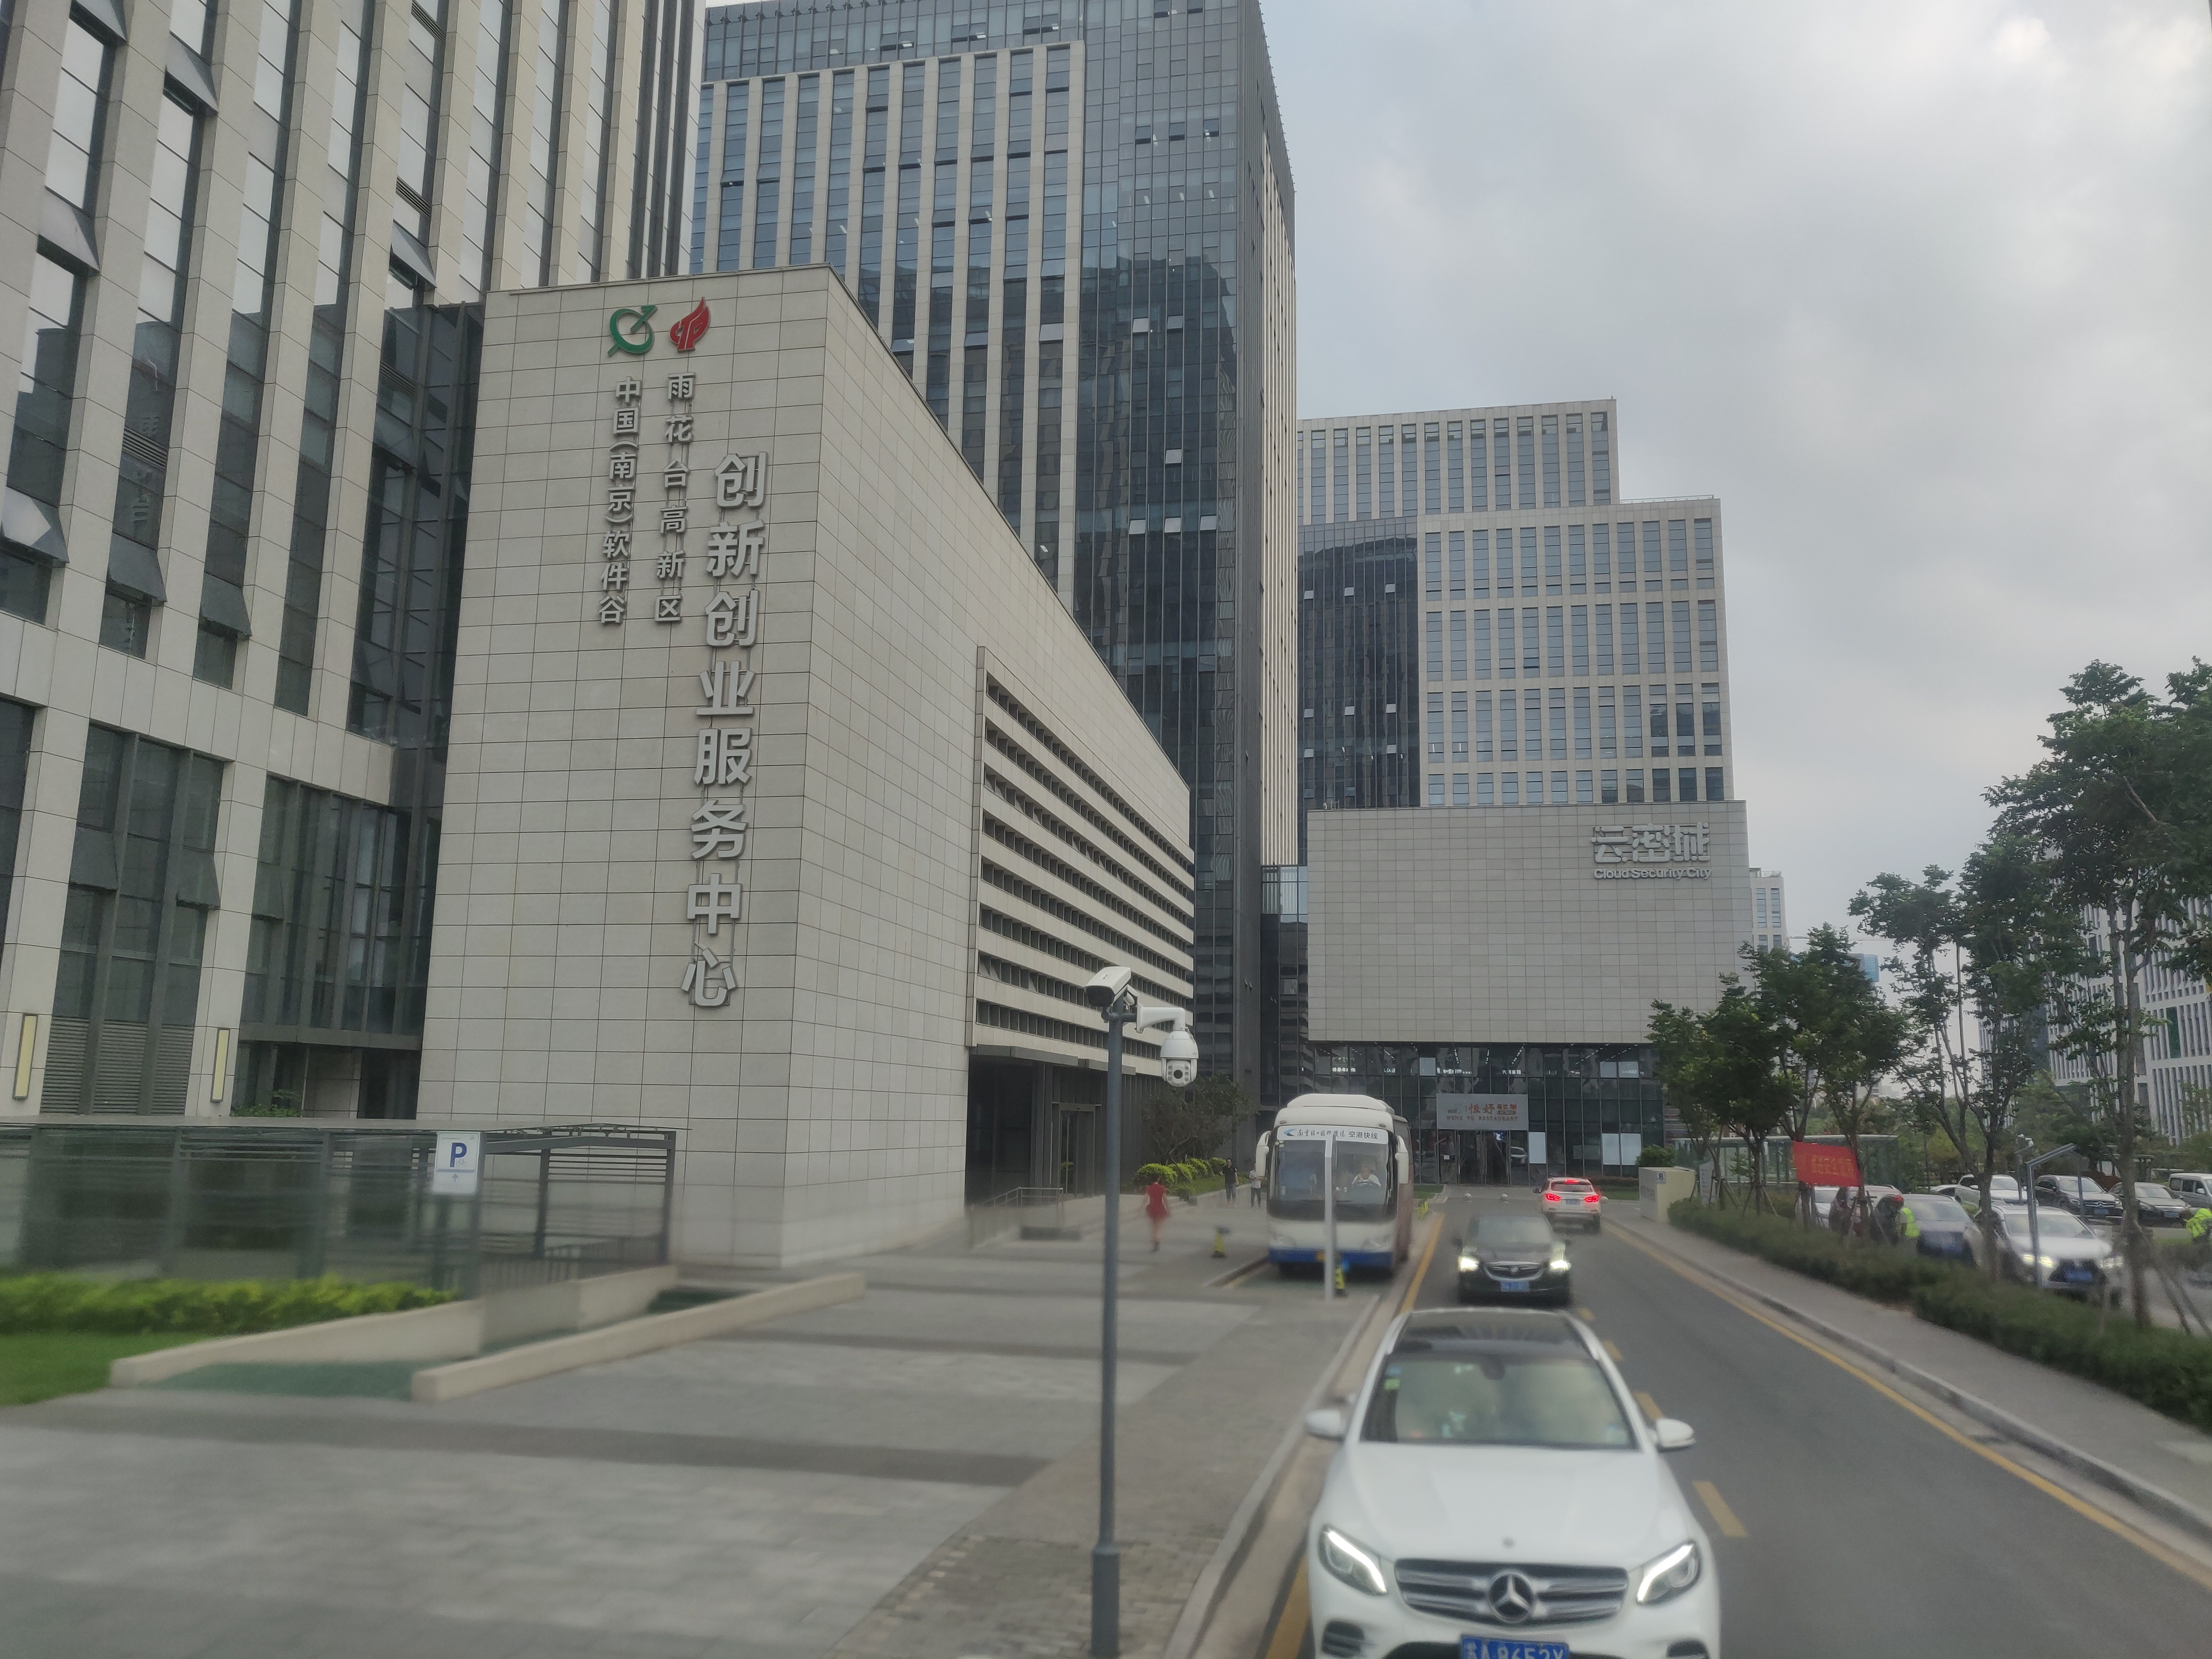 Foto Cina 2